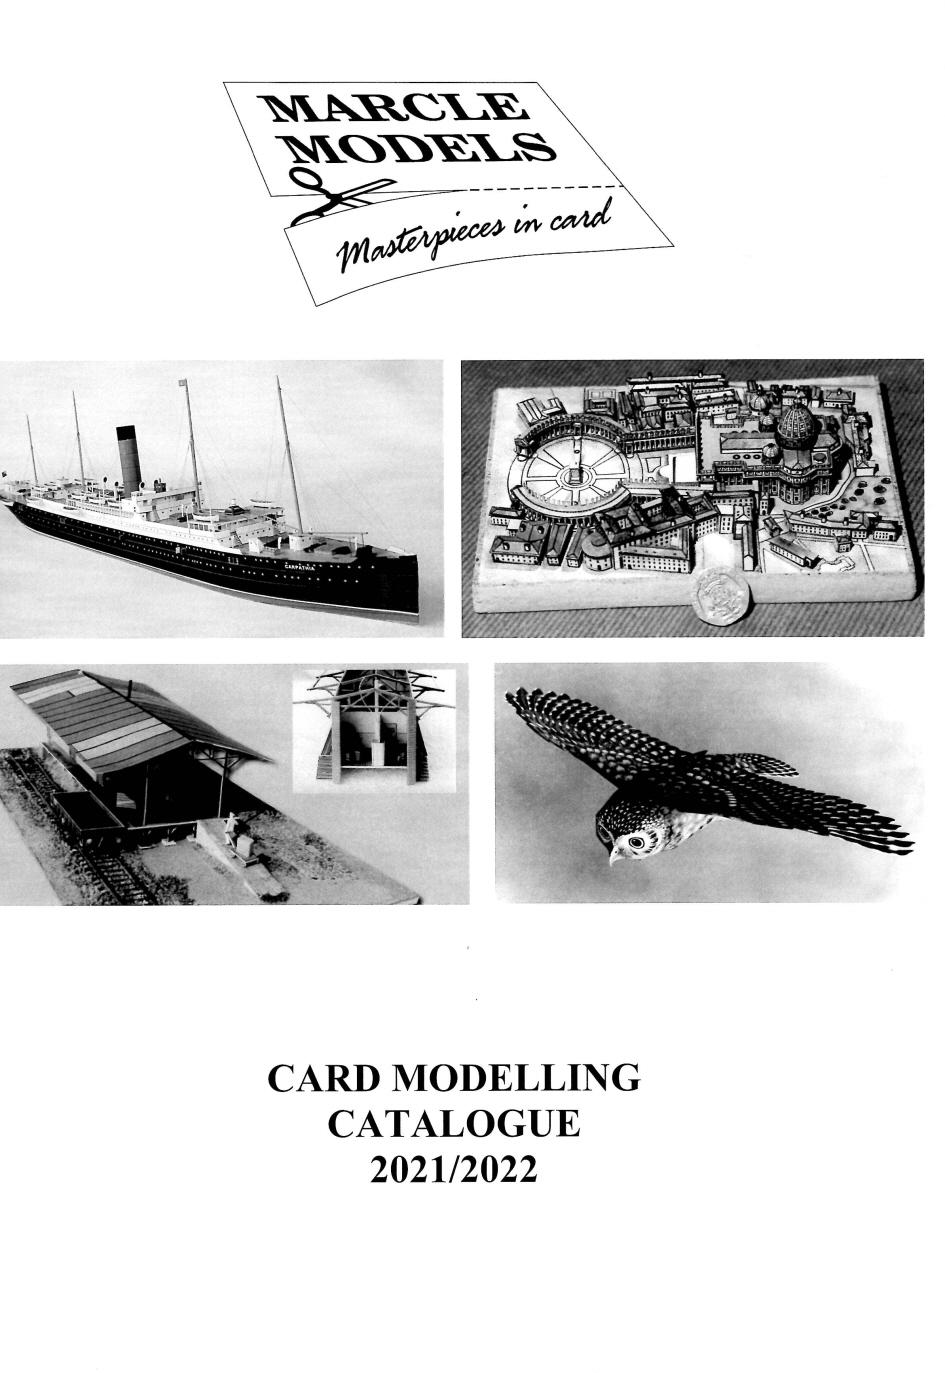 Marcle Models Card Model KIt Catalogue - Ships, Aircraft